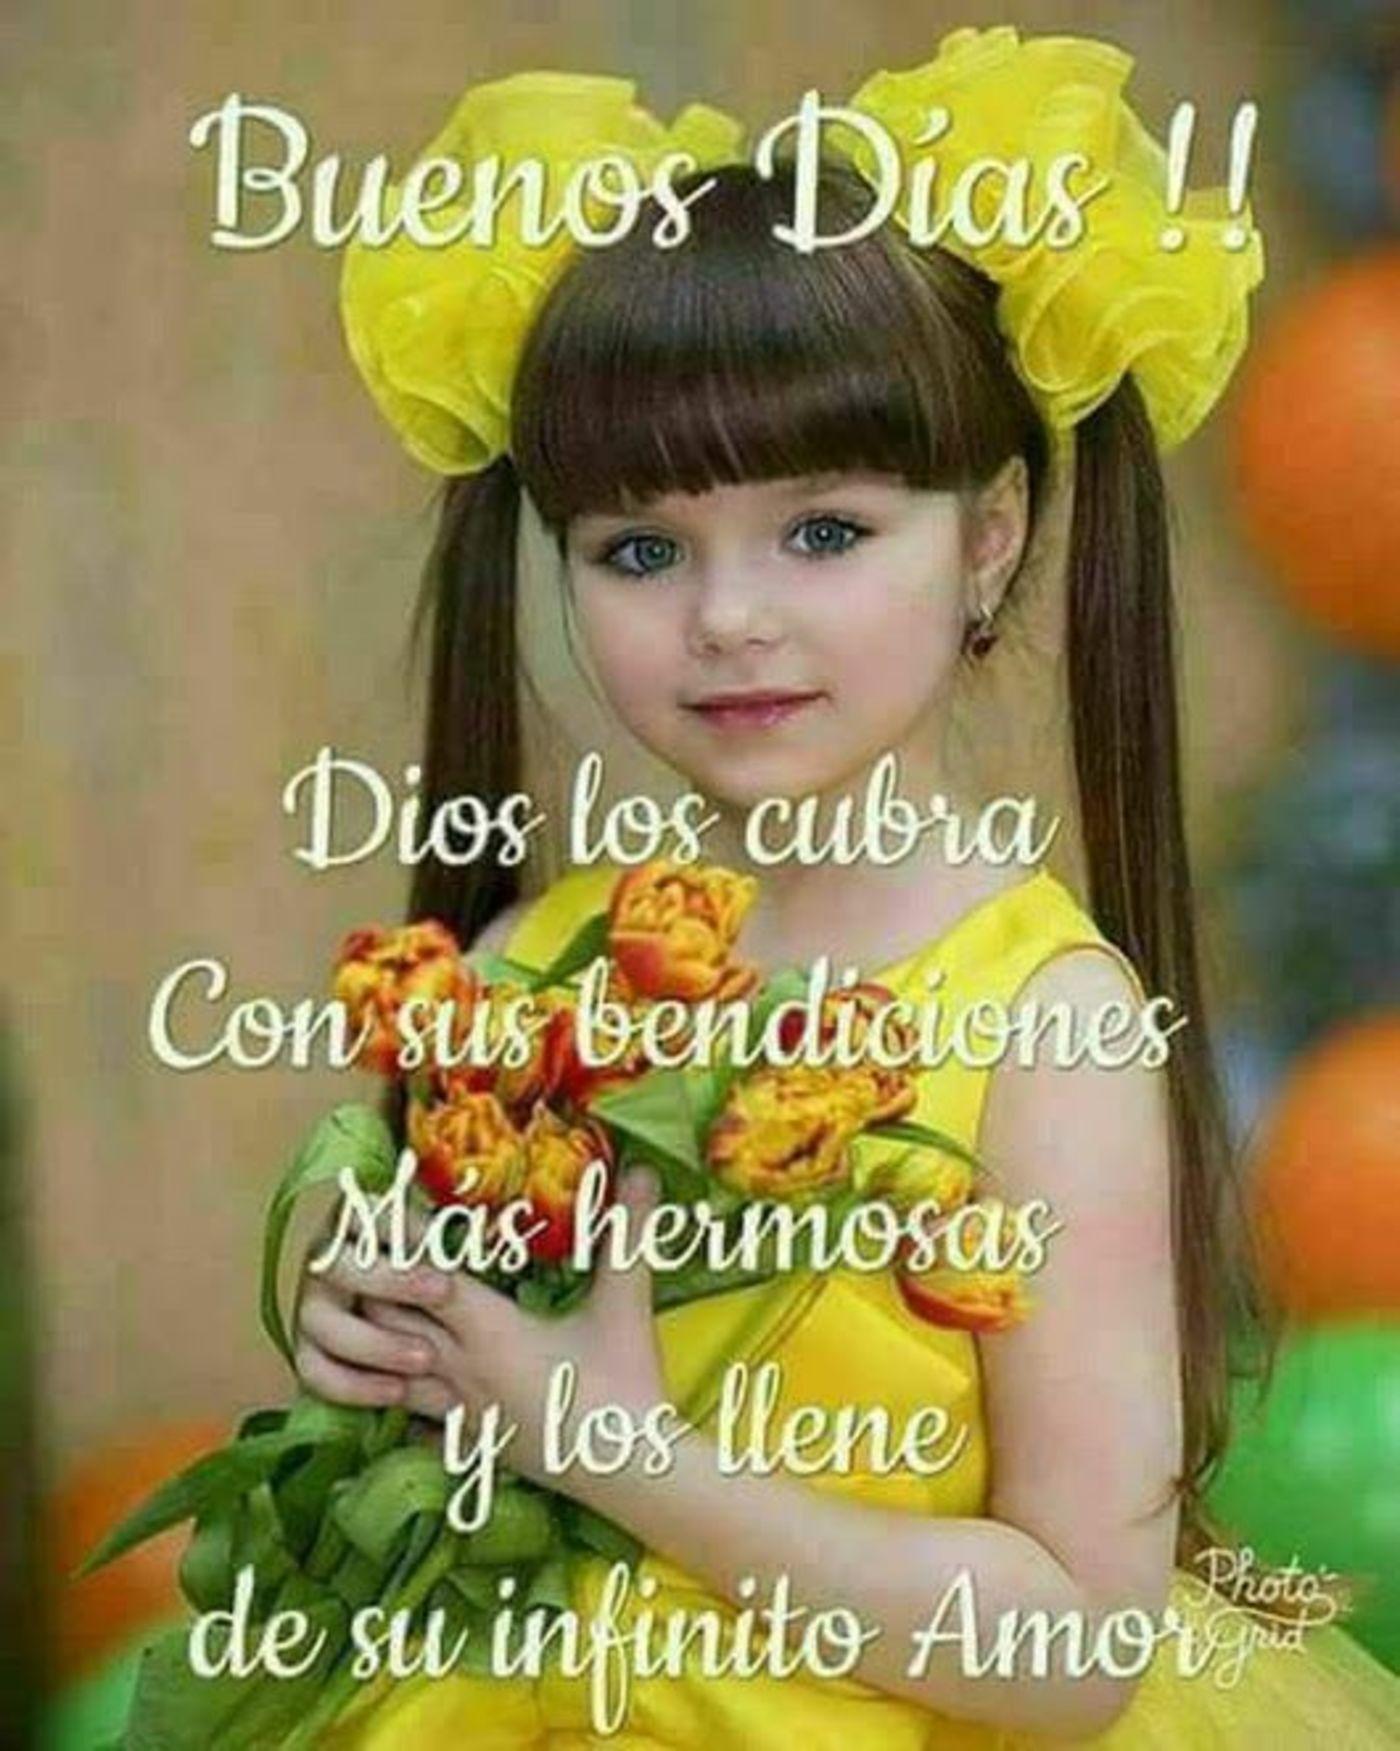 Buenos días! Dios los cubra con sus bendiciones más hermosas y los llene de su infinito amor